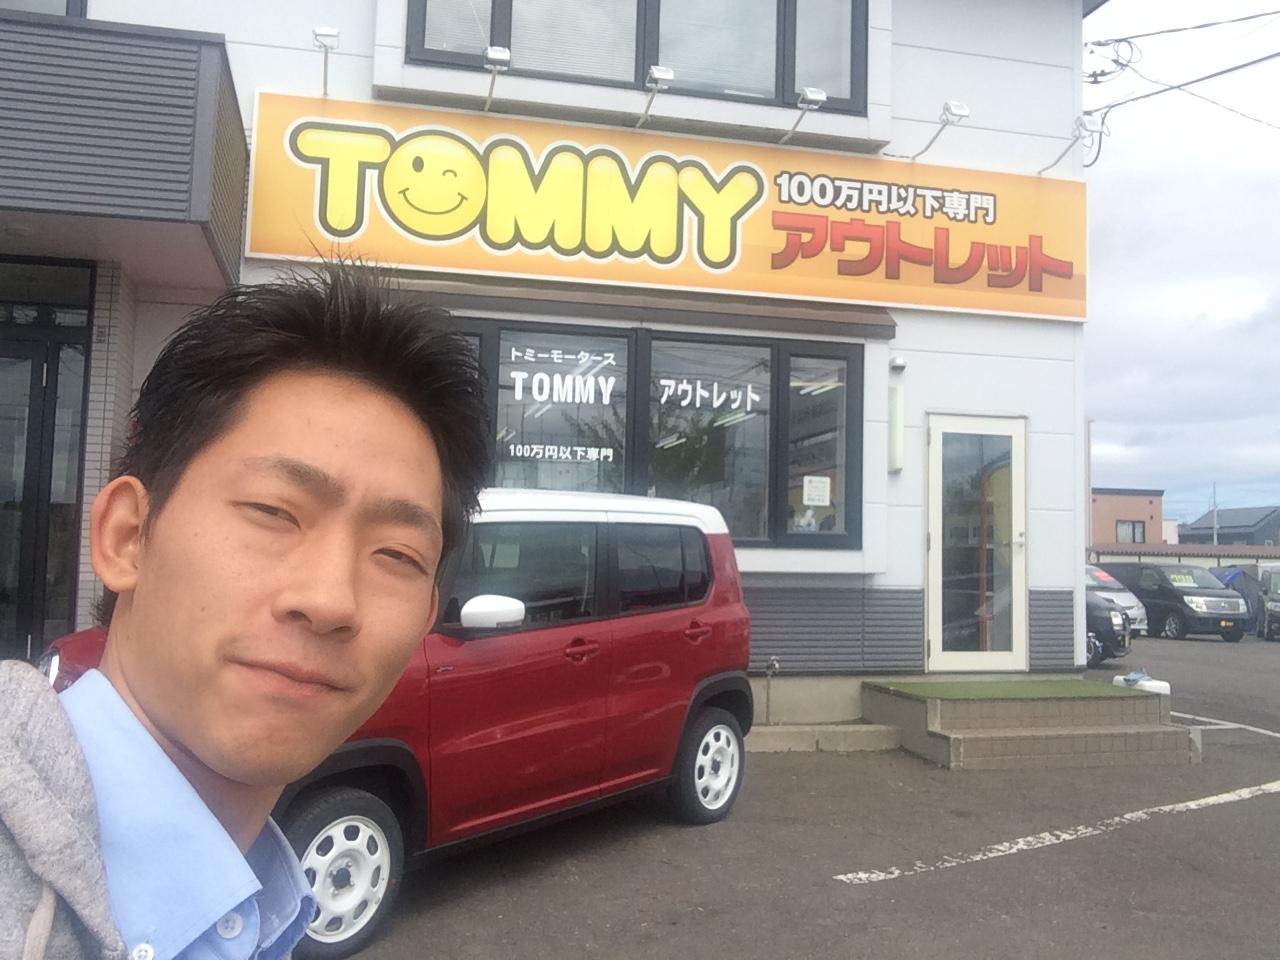 6月7日トミーアウトレット☆祭り!トミー(103円)カーご成約!!ヴィッツU様納車!!_b0127002_17115421.jpg